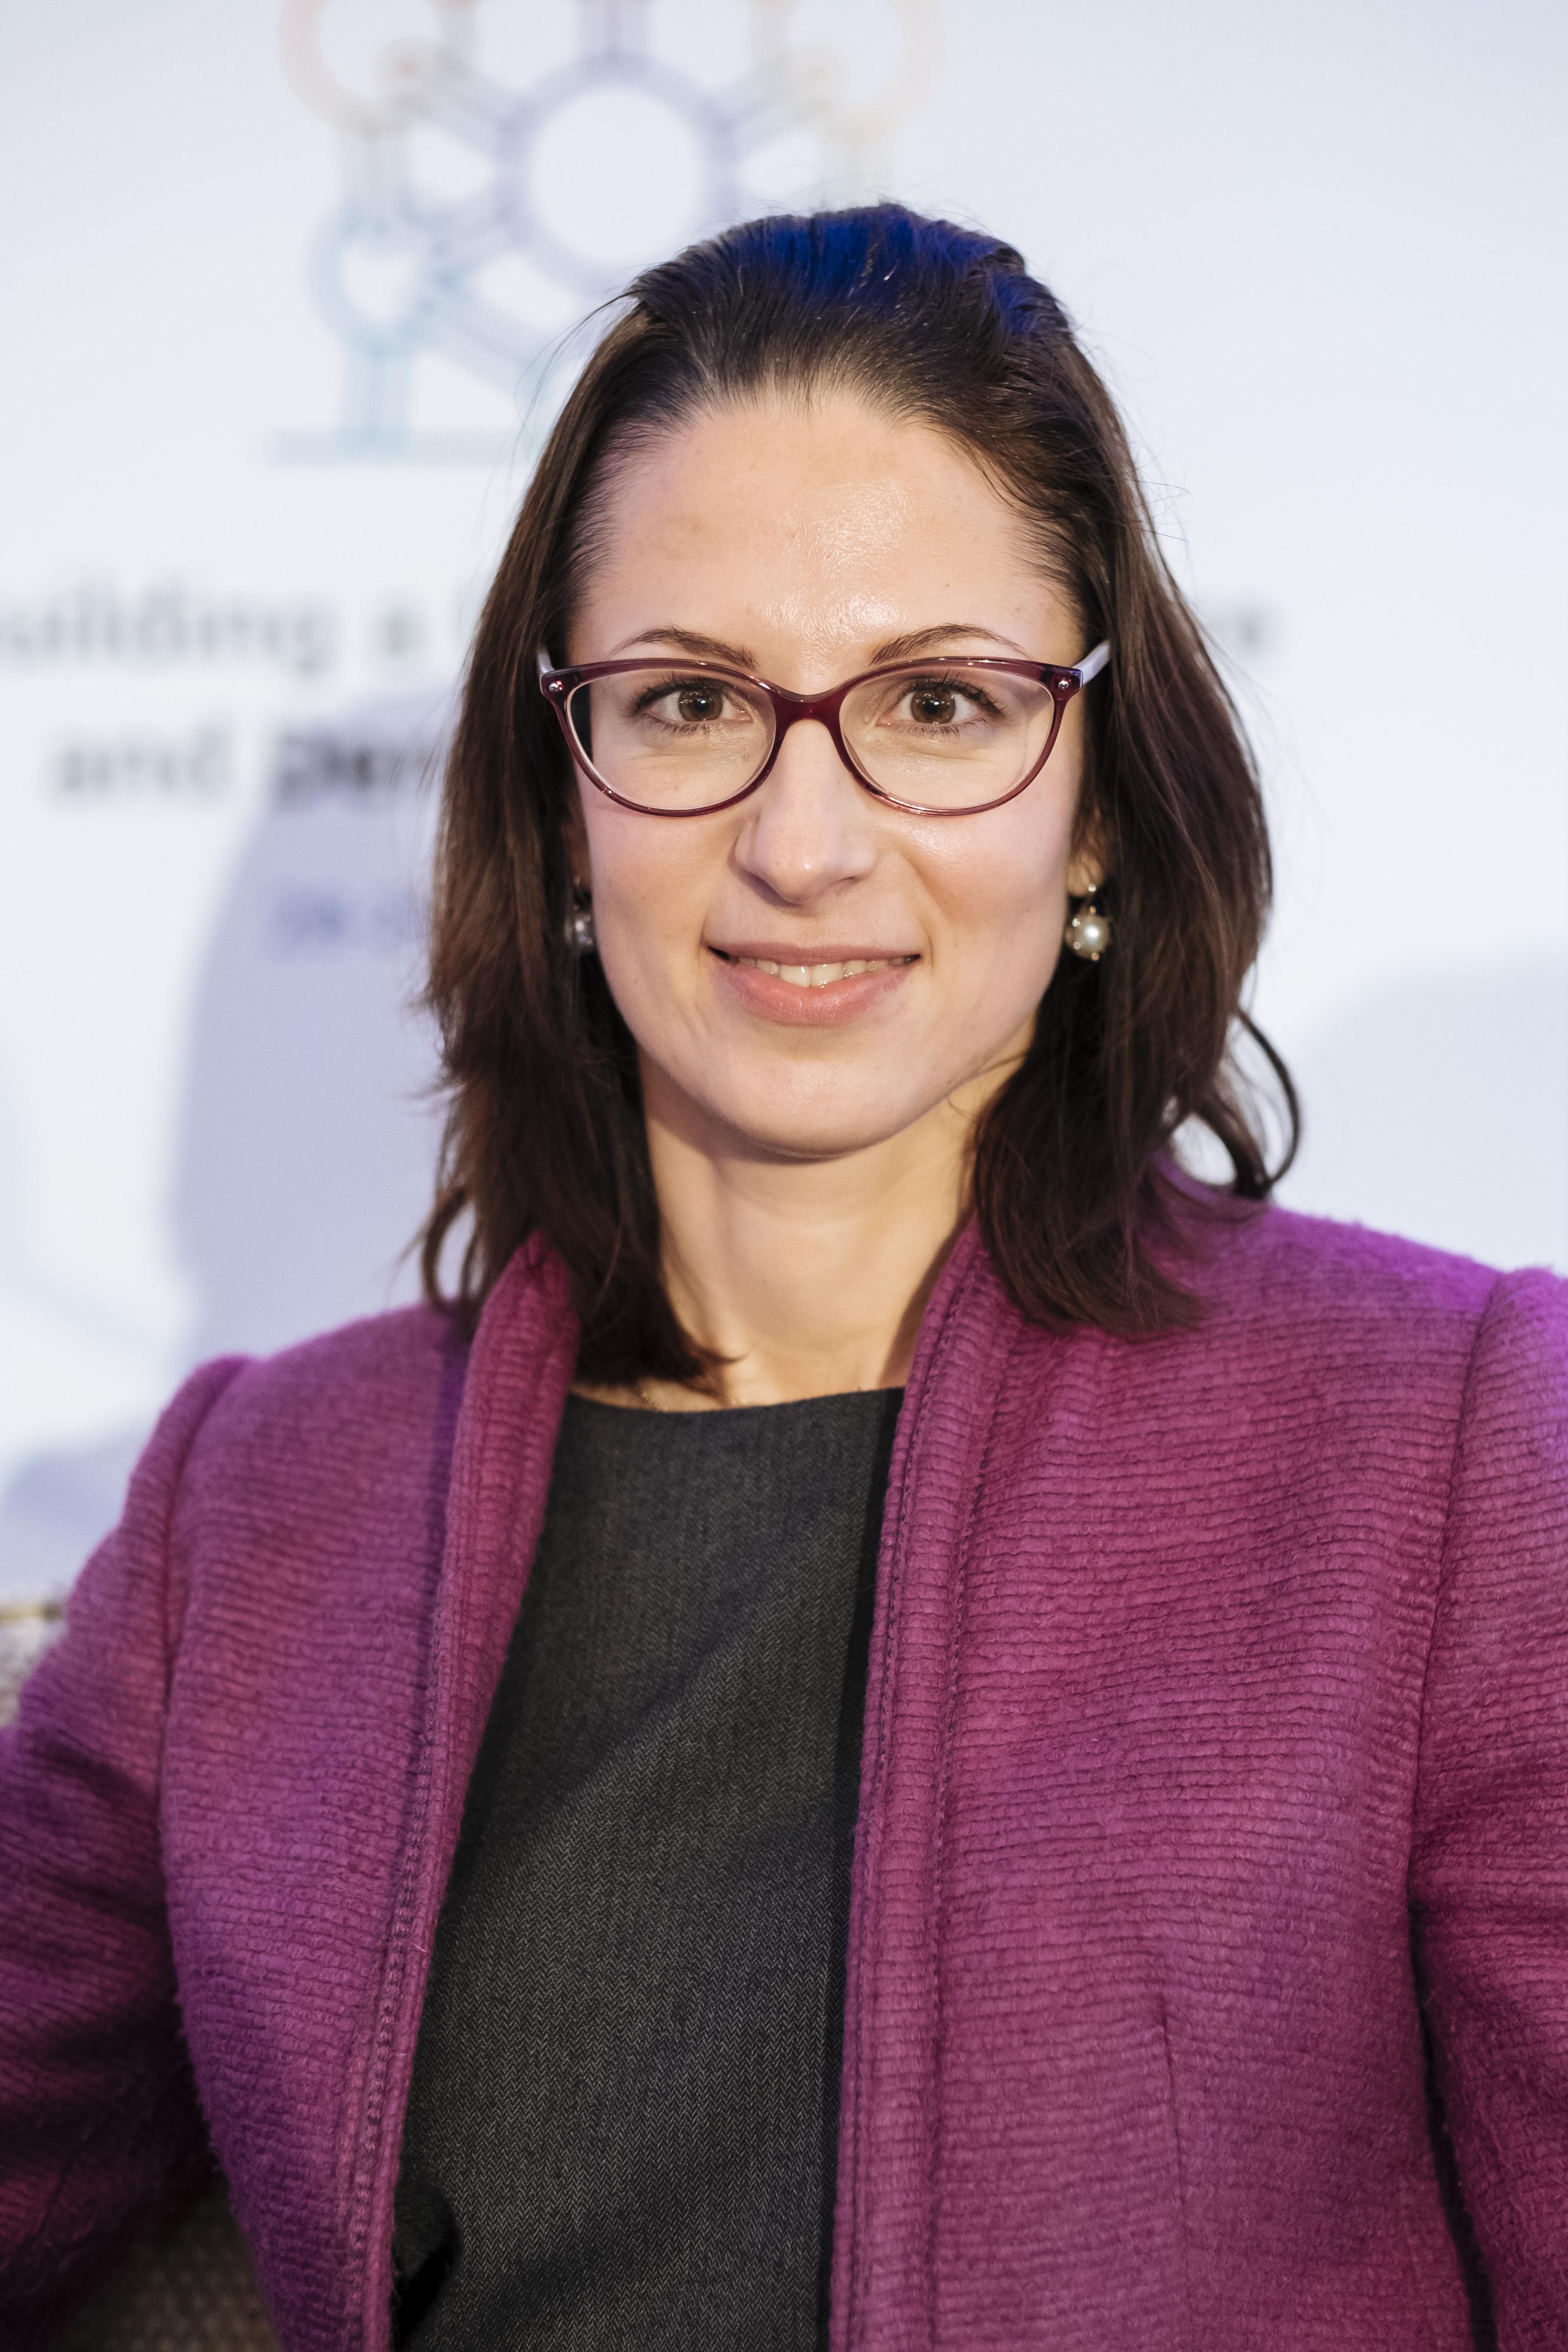 Natalia Yerashevich